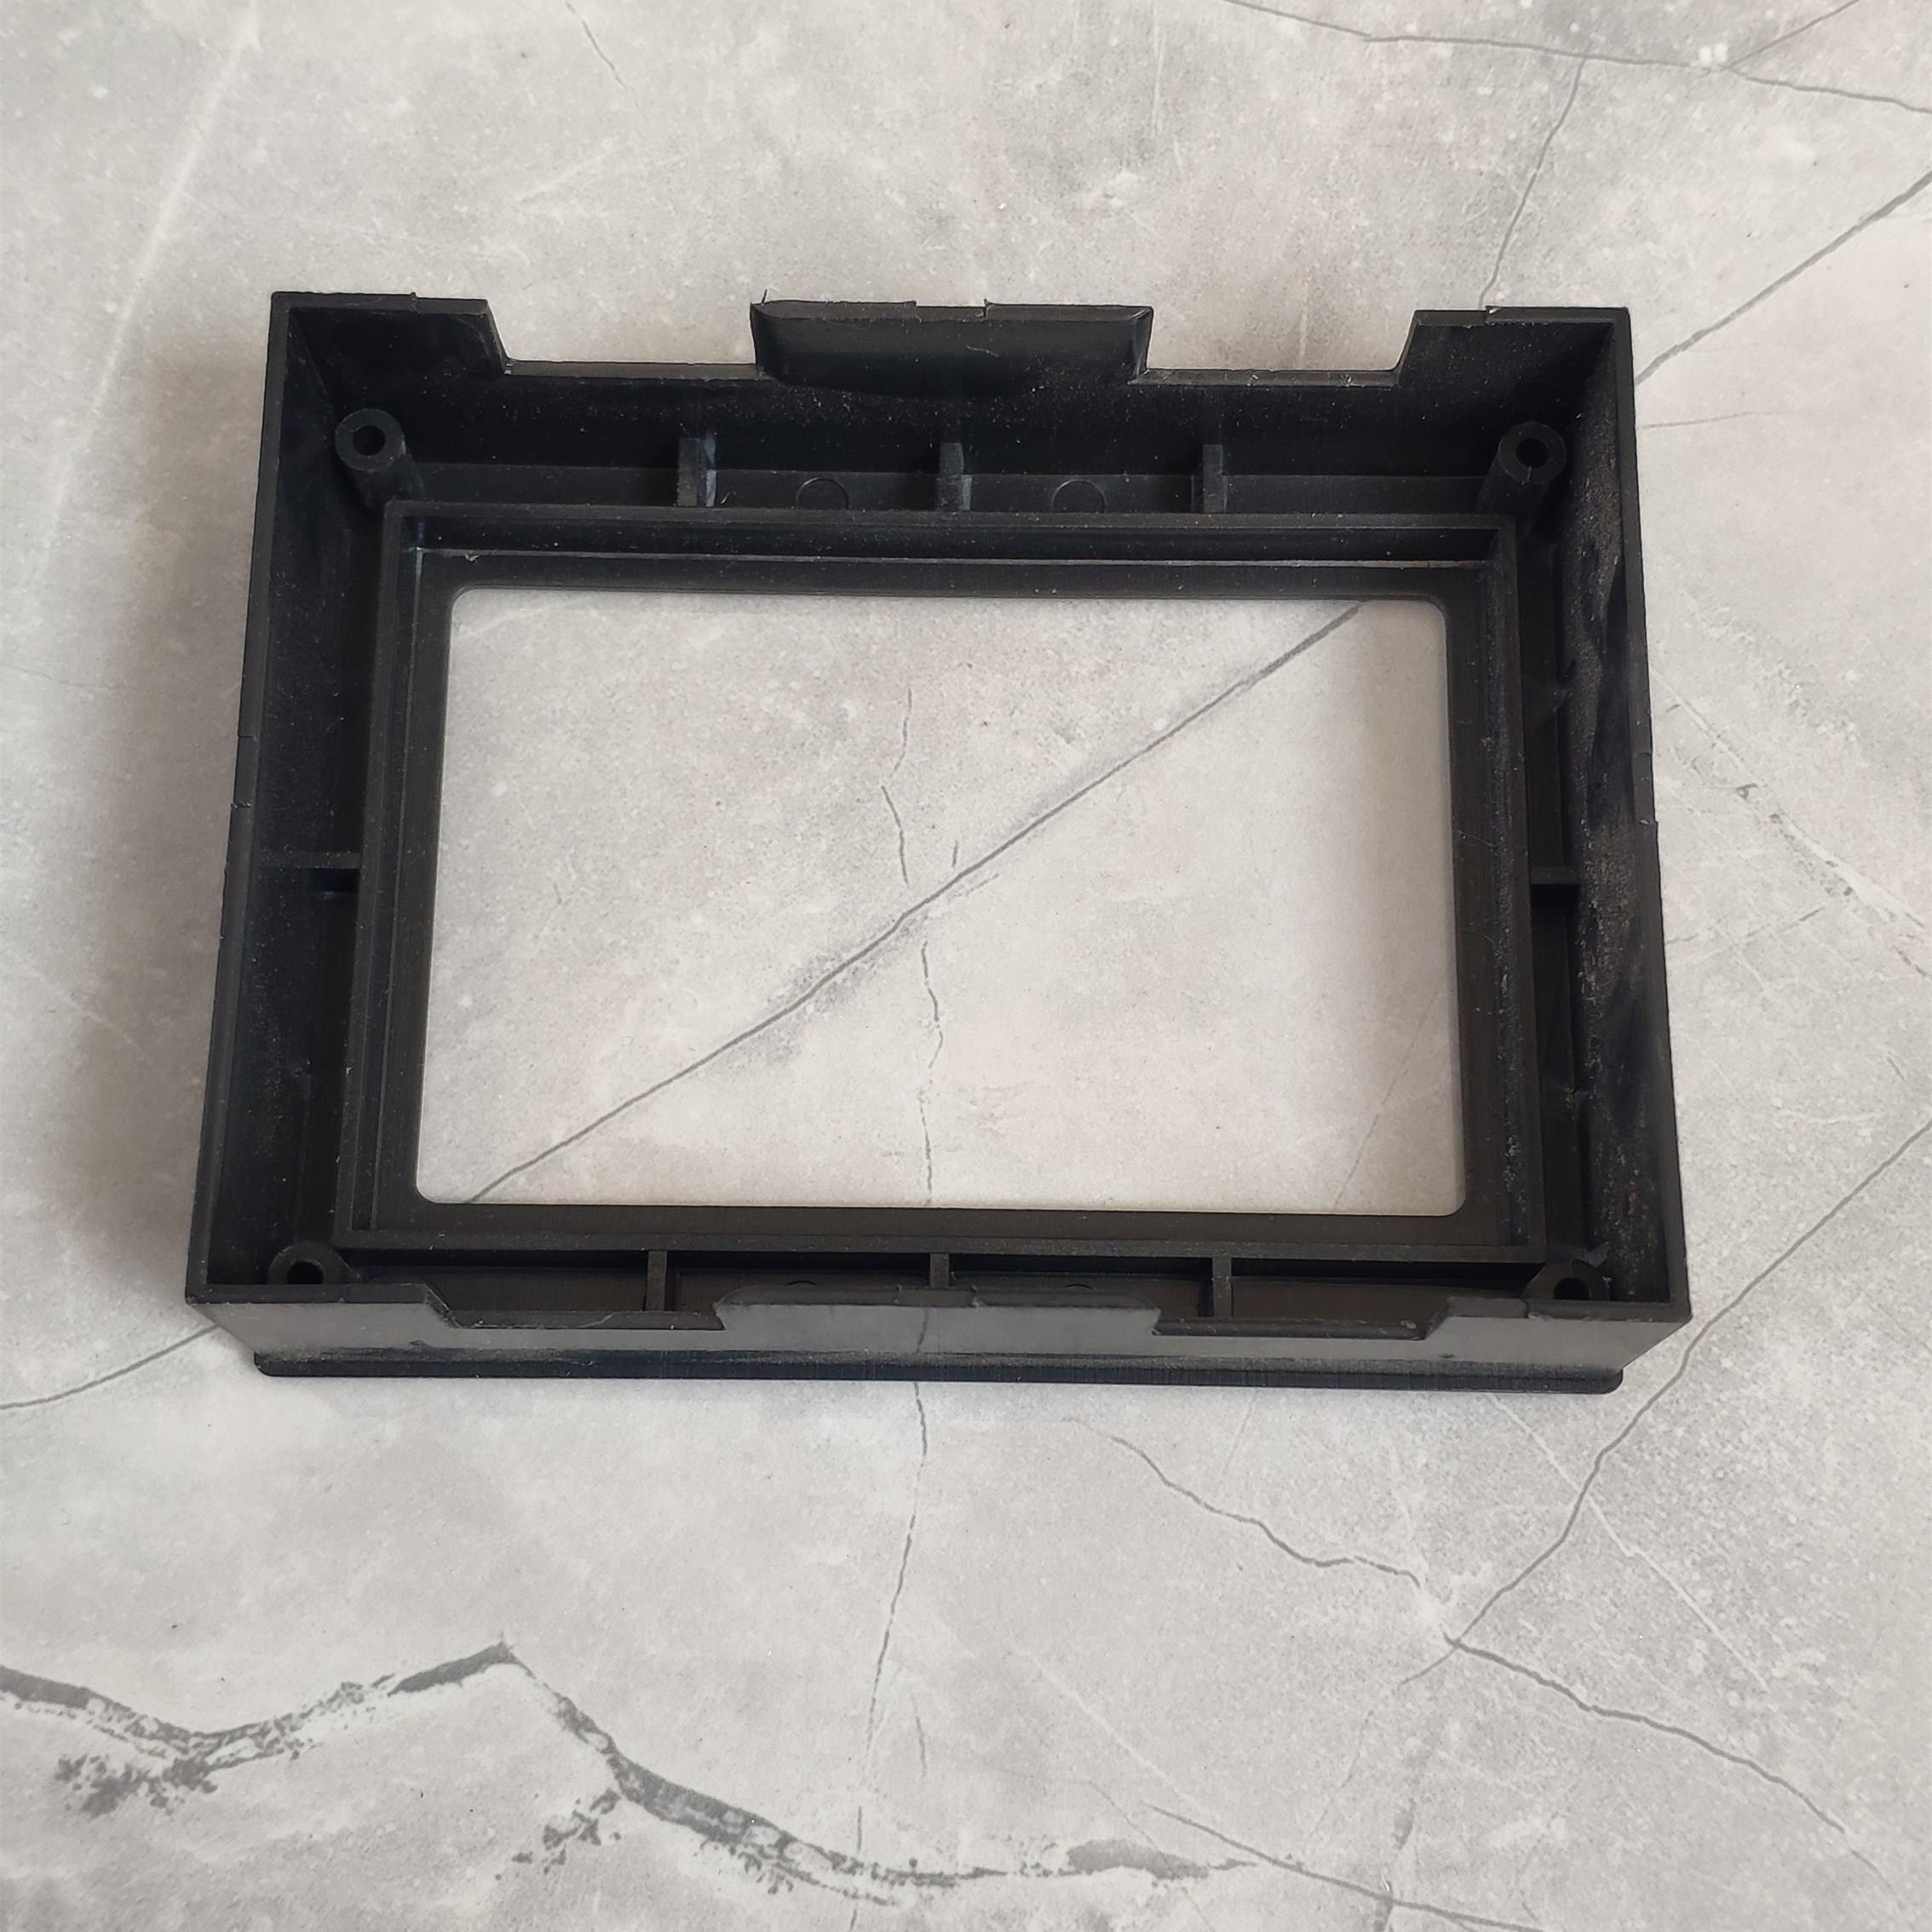 12864显示屏外壳液晶屏存包柜寄存柜储物柜显示器外壳塑料外壳